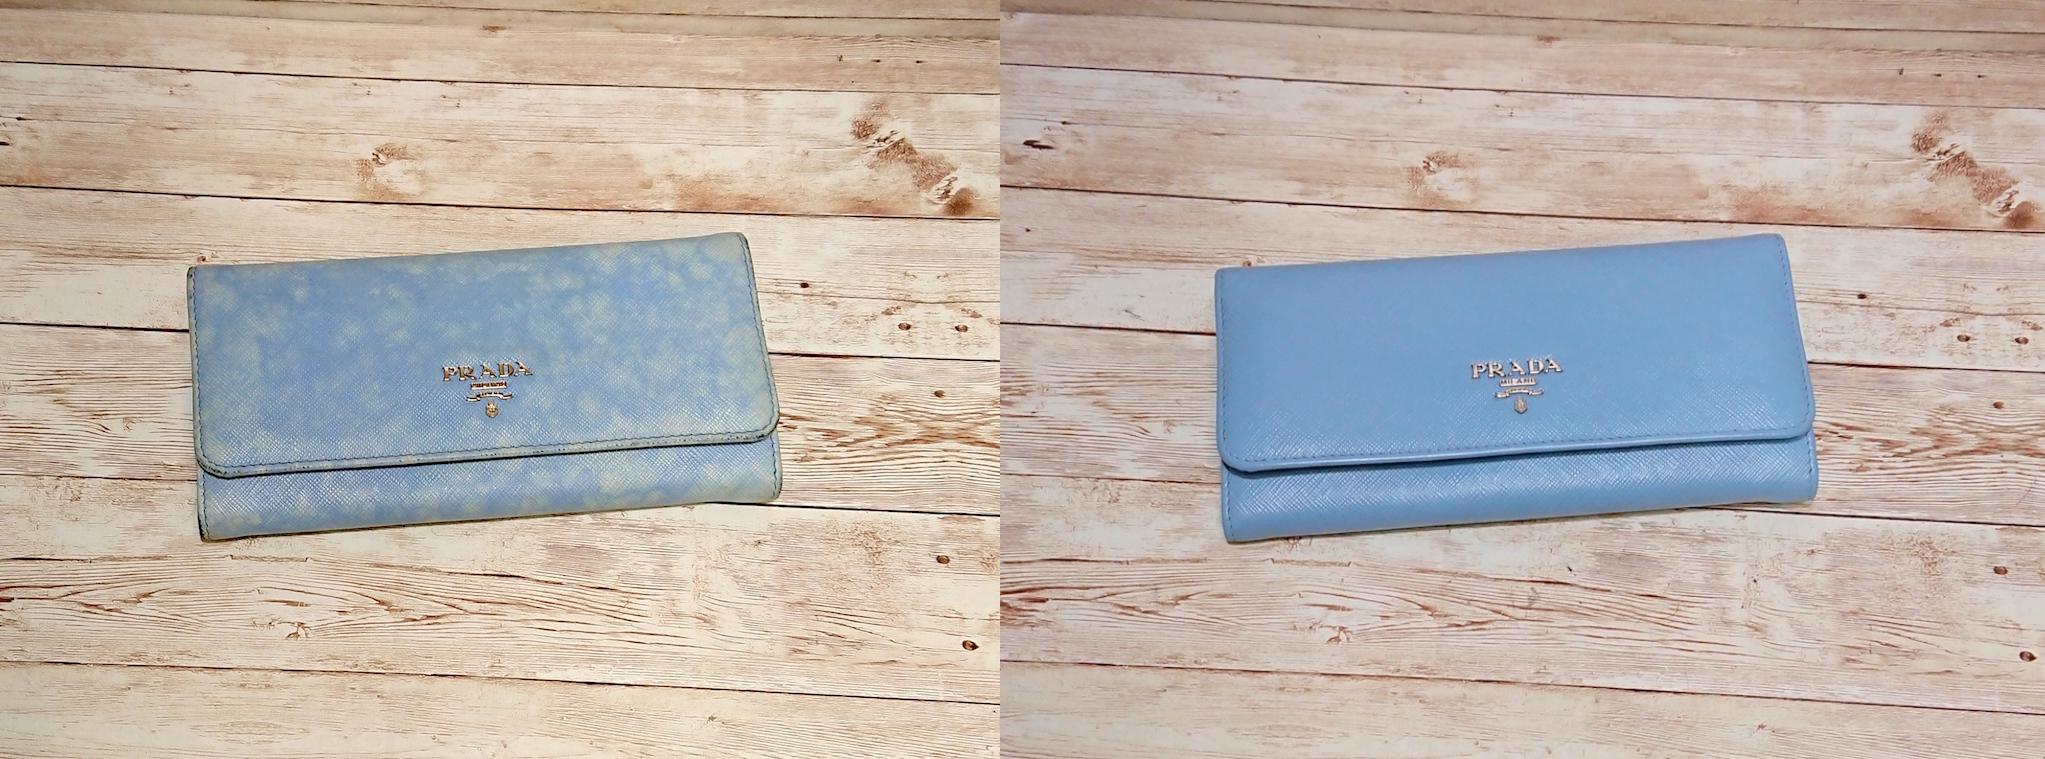 プラダ(Prada) サフィアーノレザーの青い長財布の色補修をご紹介